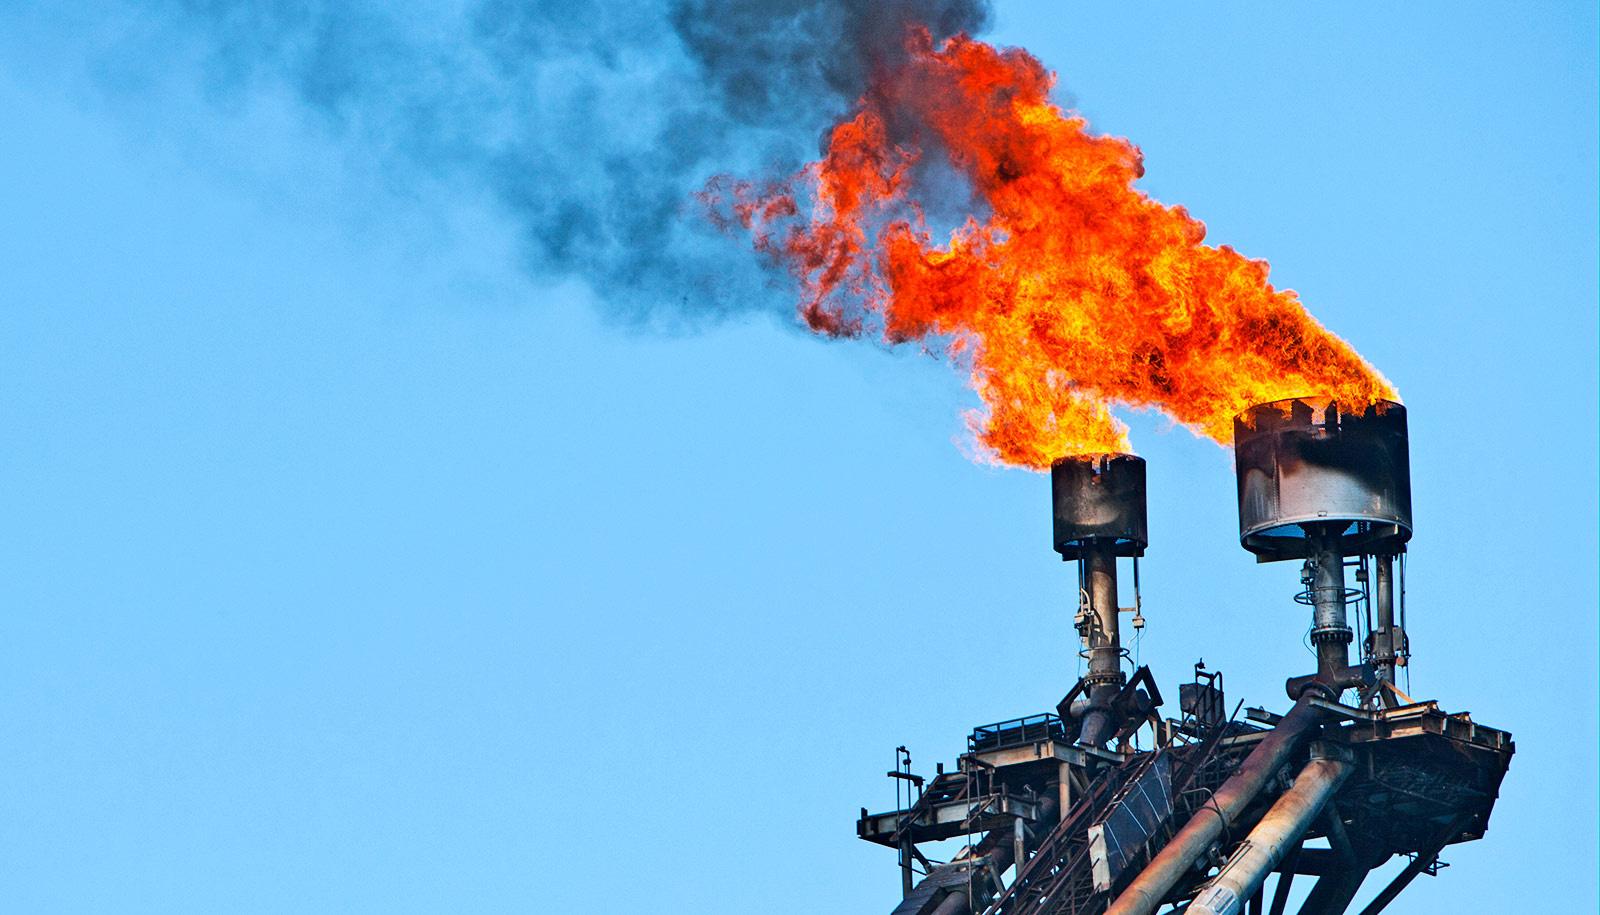 flaring against blue sky1600 15734396158641016757587 - Giá gas hôm nay 11/11: Tiếp đà giảm mạnh hơn 3,5% từ tuần trước do nguồn cung khí gas tăng